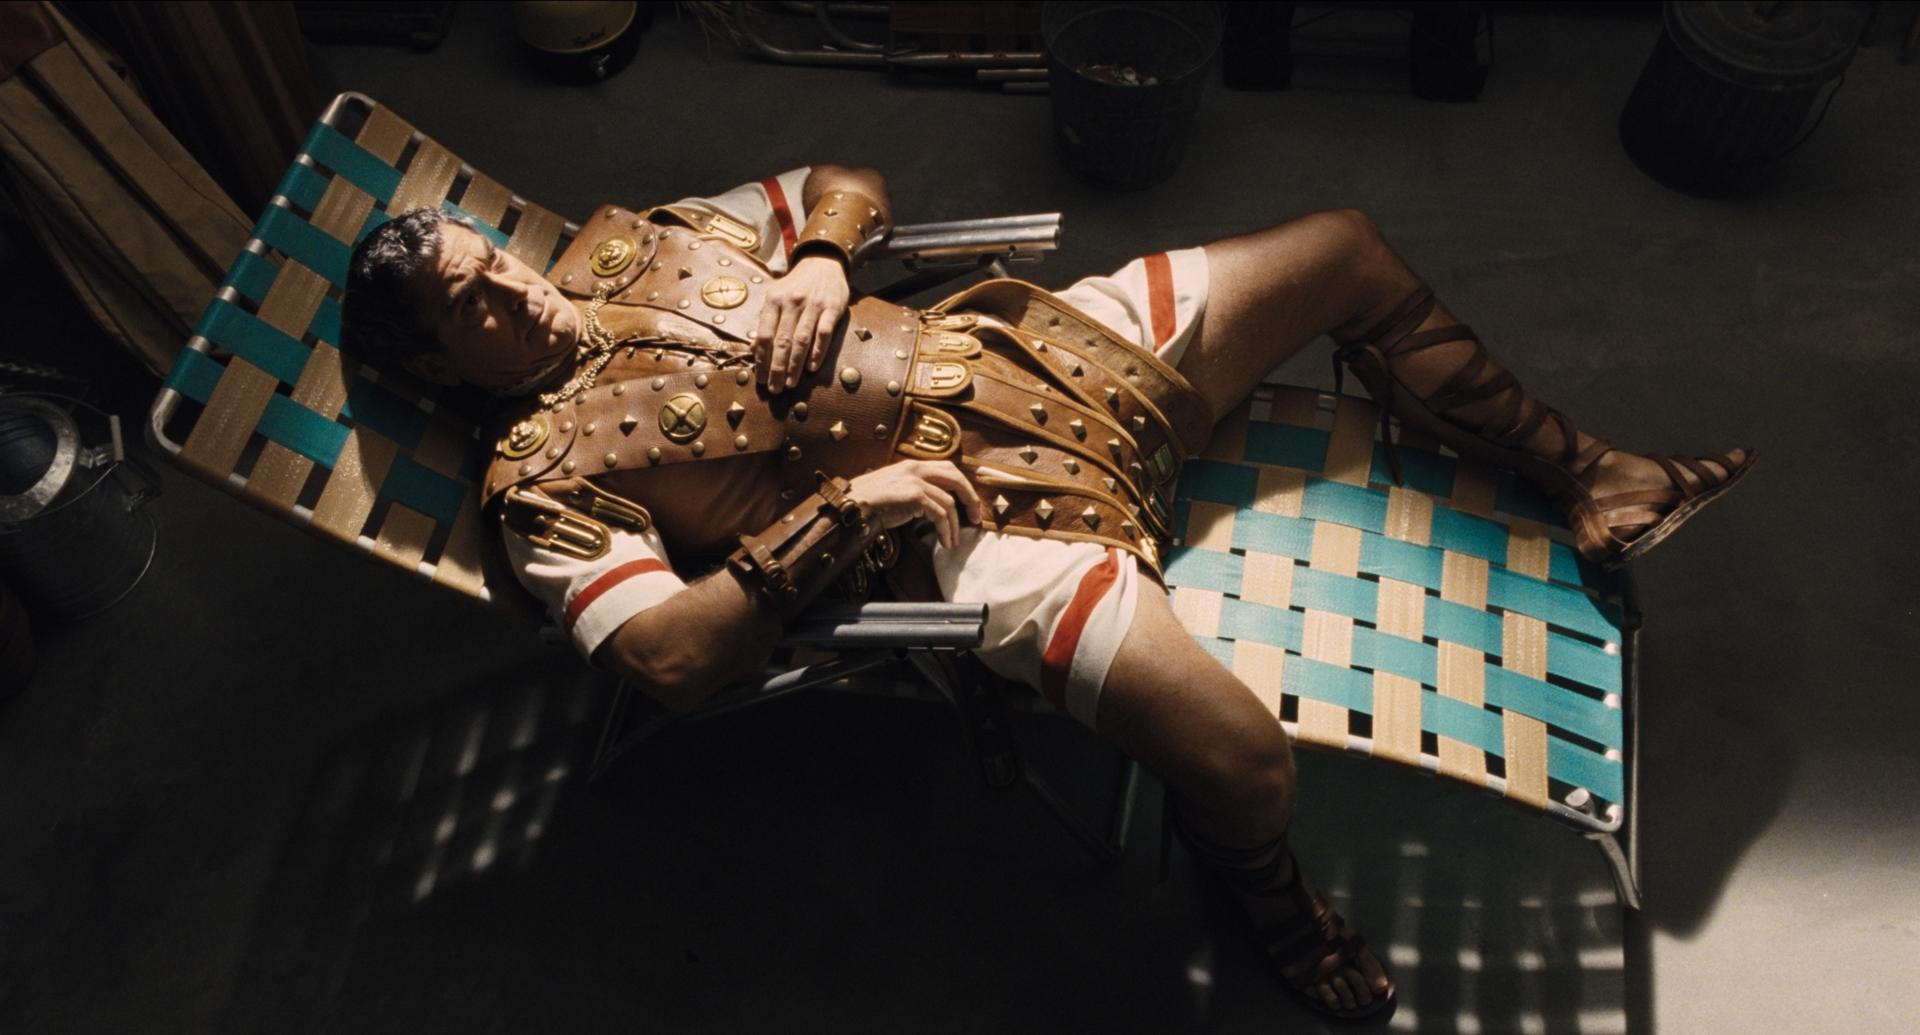 Ave, Cesare! - CineFatti